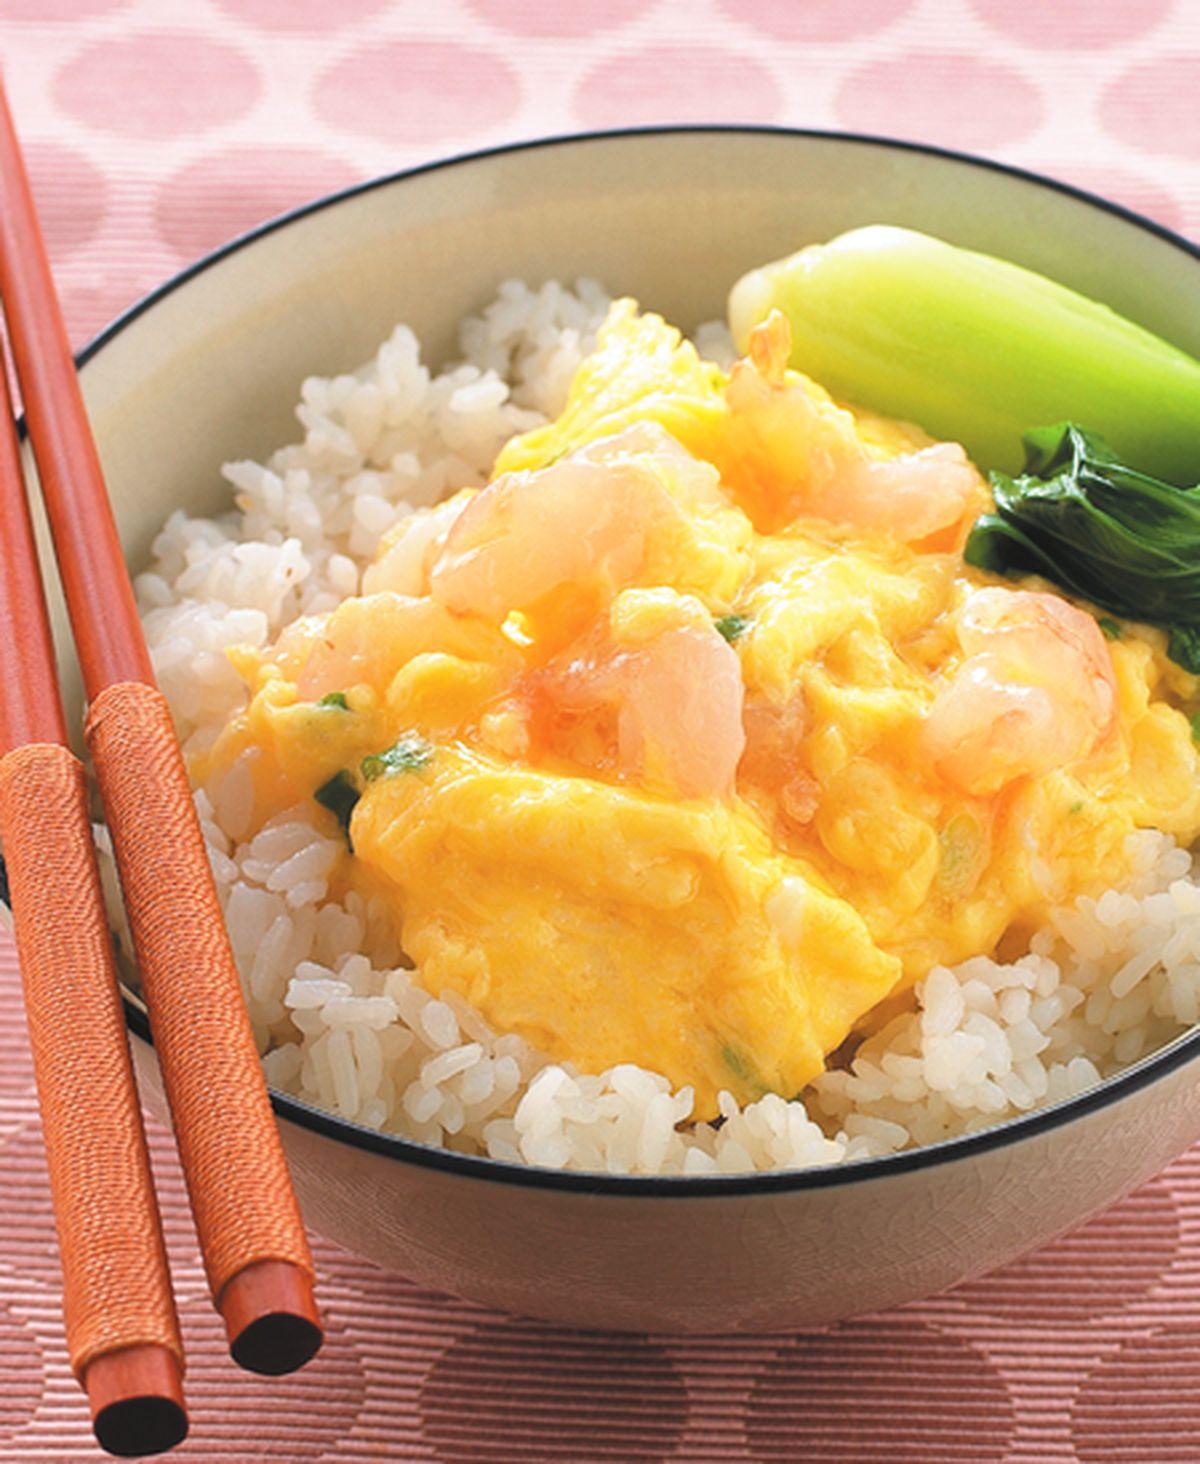 食譜:滑蛋蝦仁蓋飯